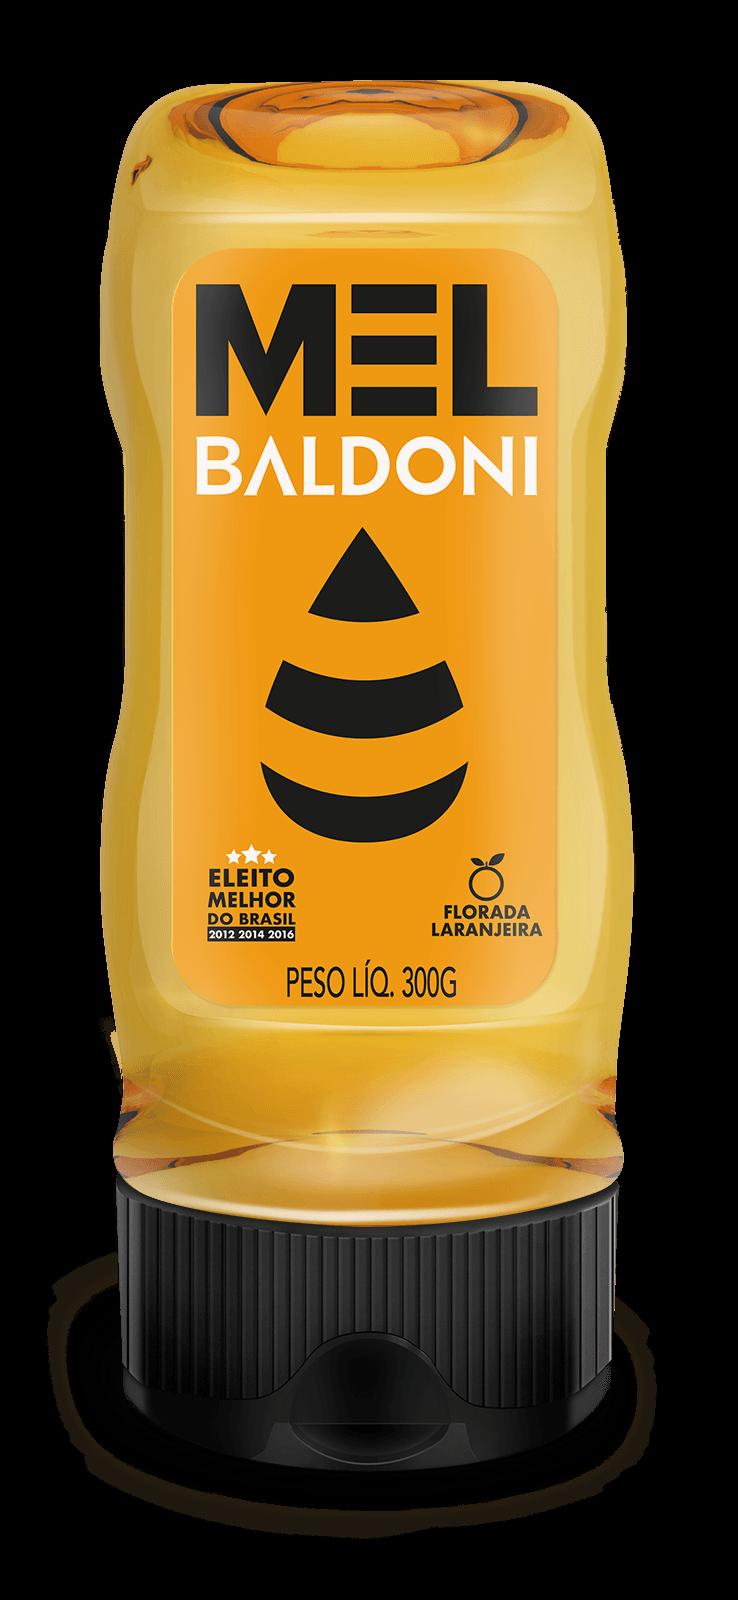 MEL BALDONI LARANJEIRA BISNAGA DSC 300g